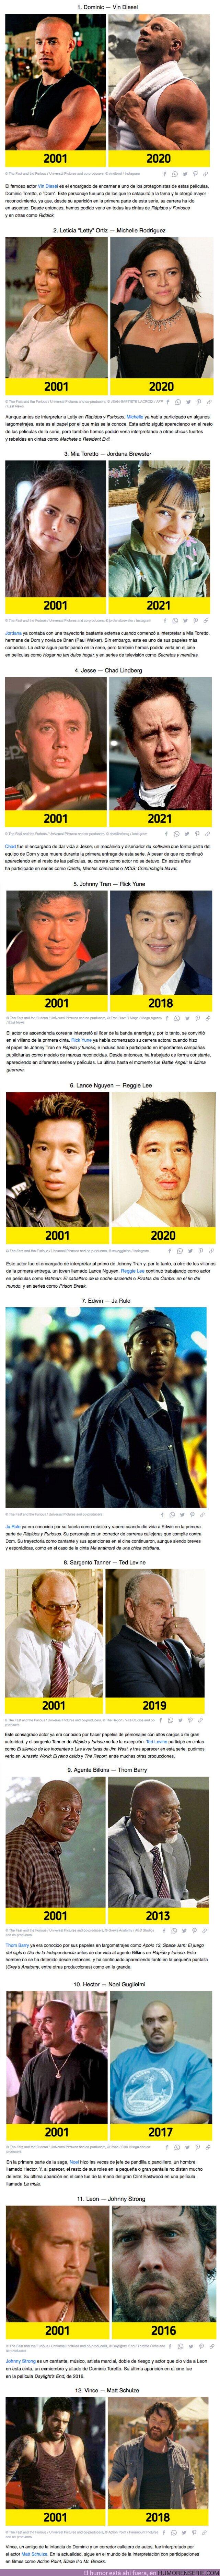 """67812 - GALERÍA: Cómo han cambiado los actores de la primera entrega de """"The Fast and the Furious"""" a 20 años de su estreno"""